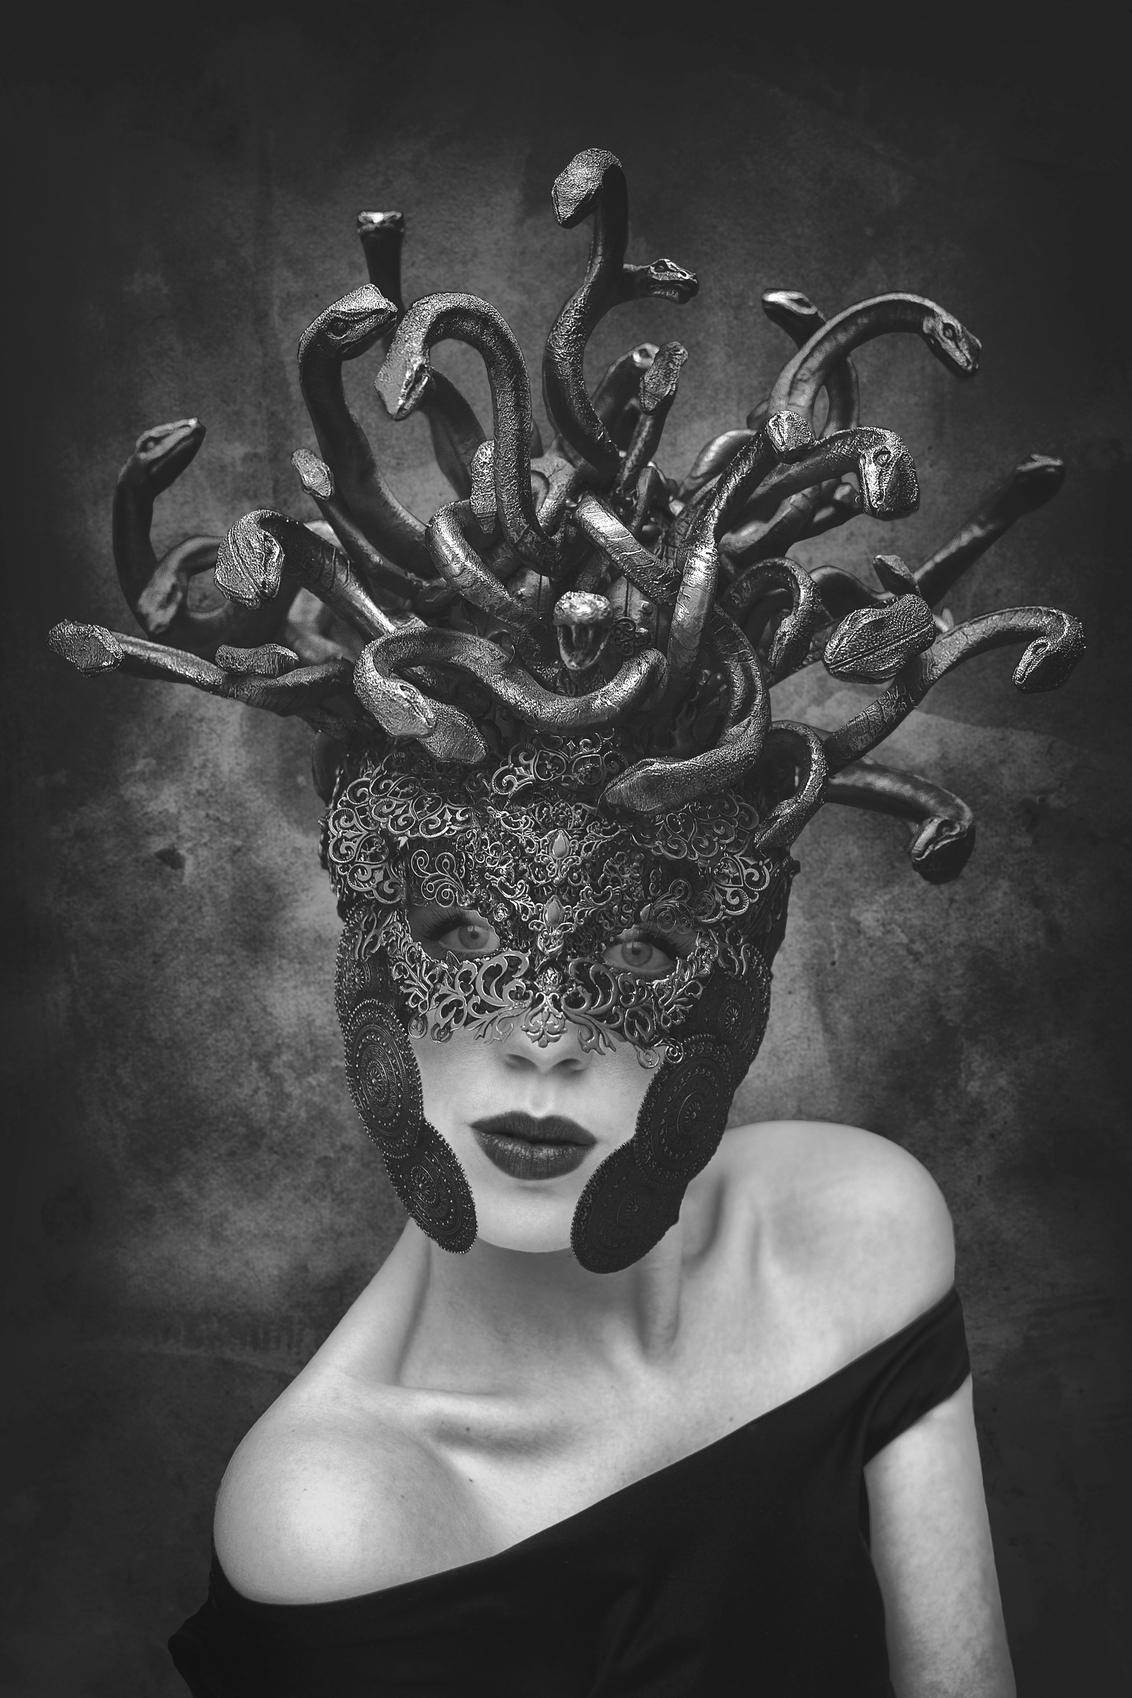 Medusa - - - foto door Elianne92 op 15-01-2020 - deze foto bevat: vrouw, donker, licht, portret, schaduw, model, zelfportret, daglicht, ogen, haar, erotiek, beauty, zwartwit, emotie, photoshop, visagie, 50mm